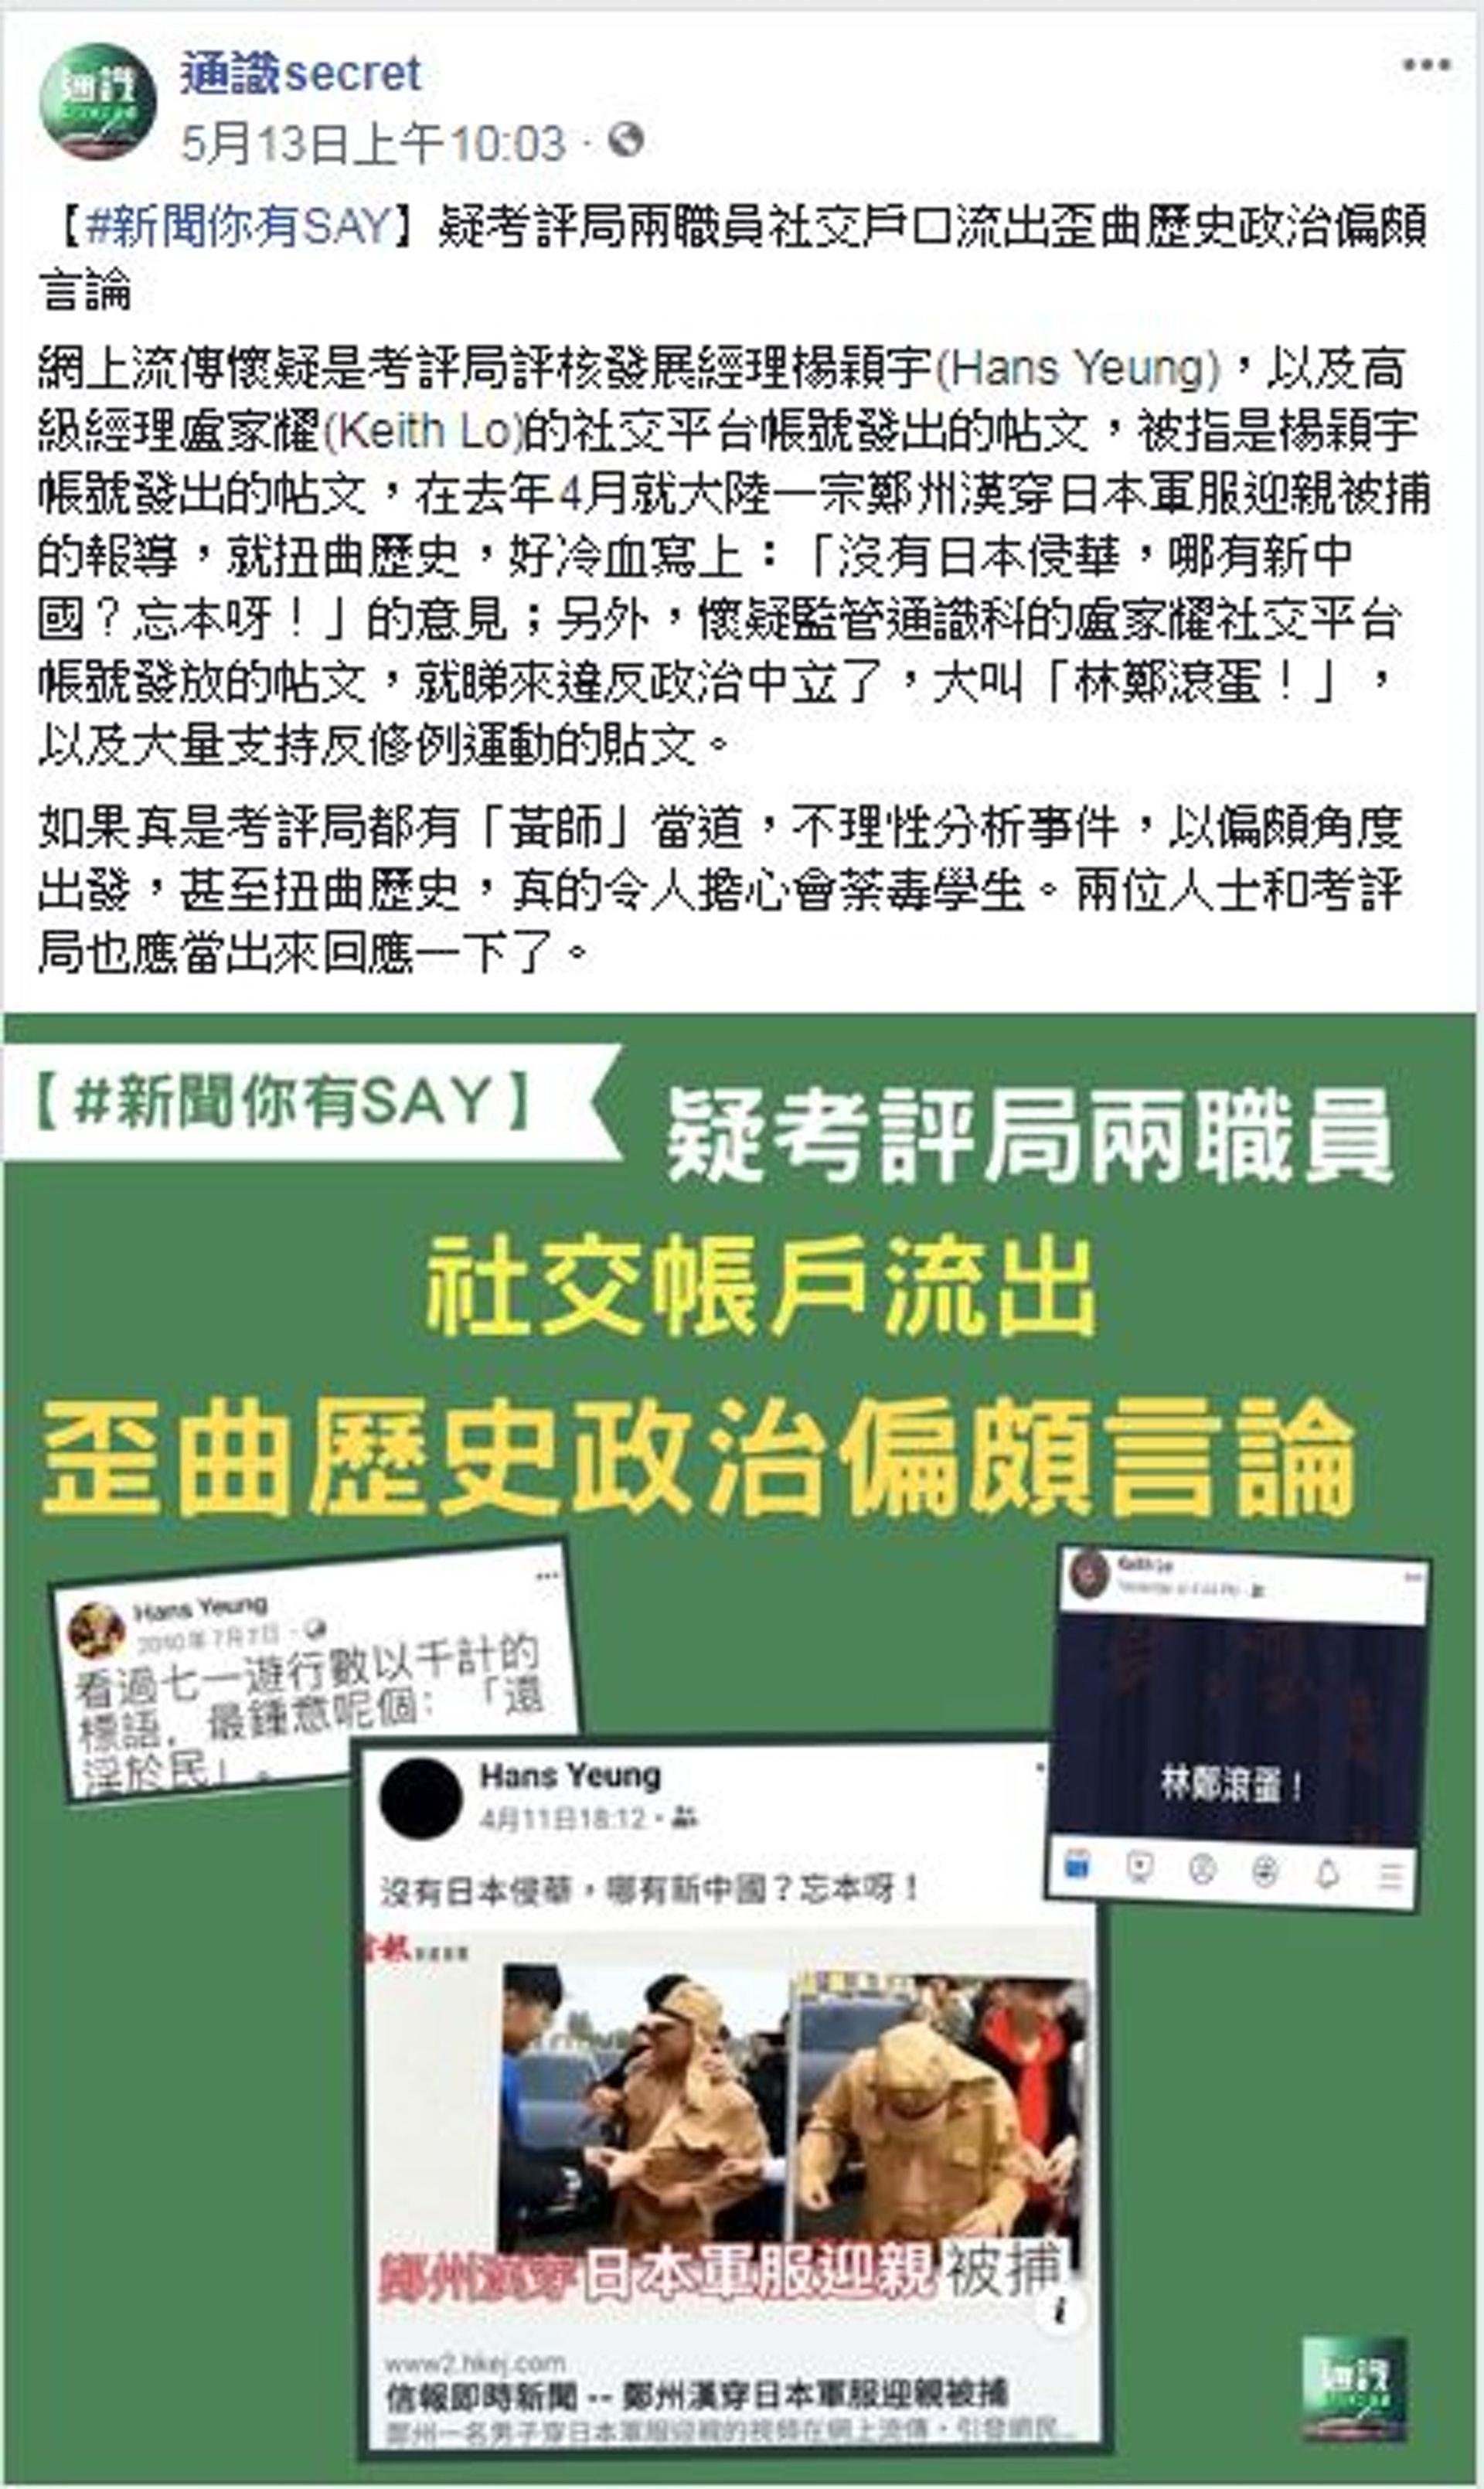 「通識secret」facebook專頁周三(13日)早上約10時發表帖文,指「網上流傳」兩名考評局經理的社交平台截圖,當中表述政治立場,質疑二人思想偏頗。(「通識secret」facebook專頁截圖)